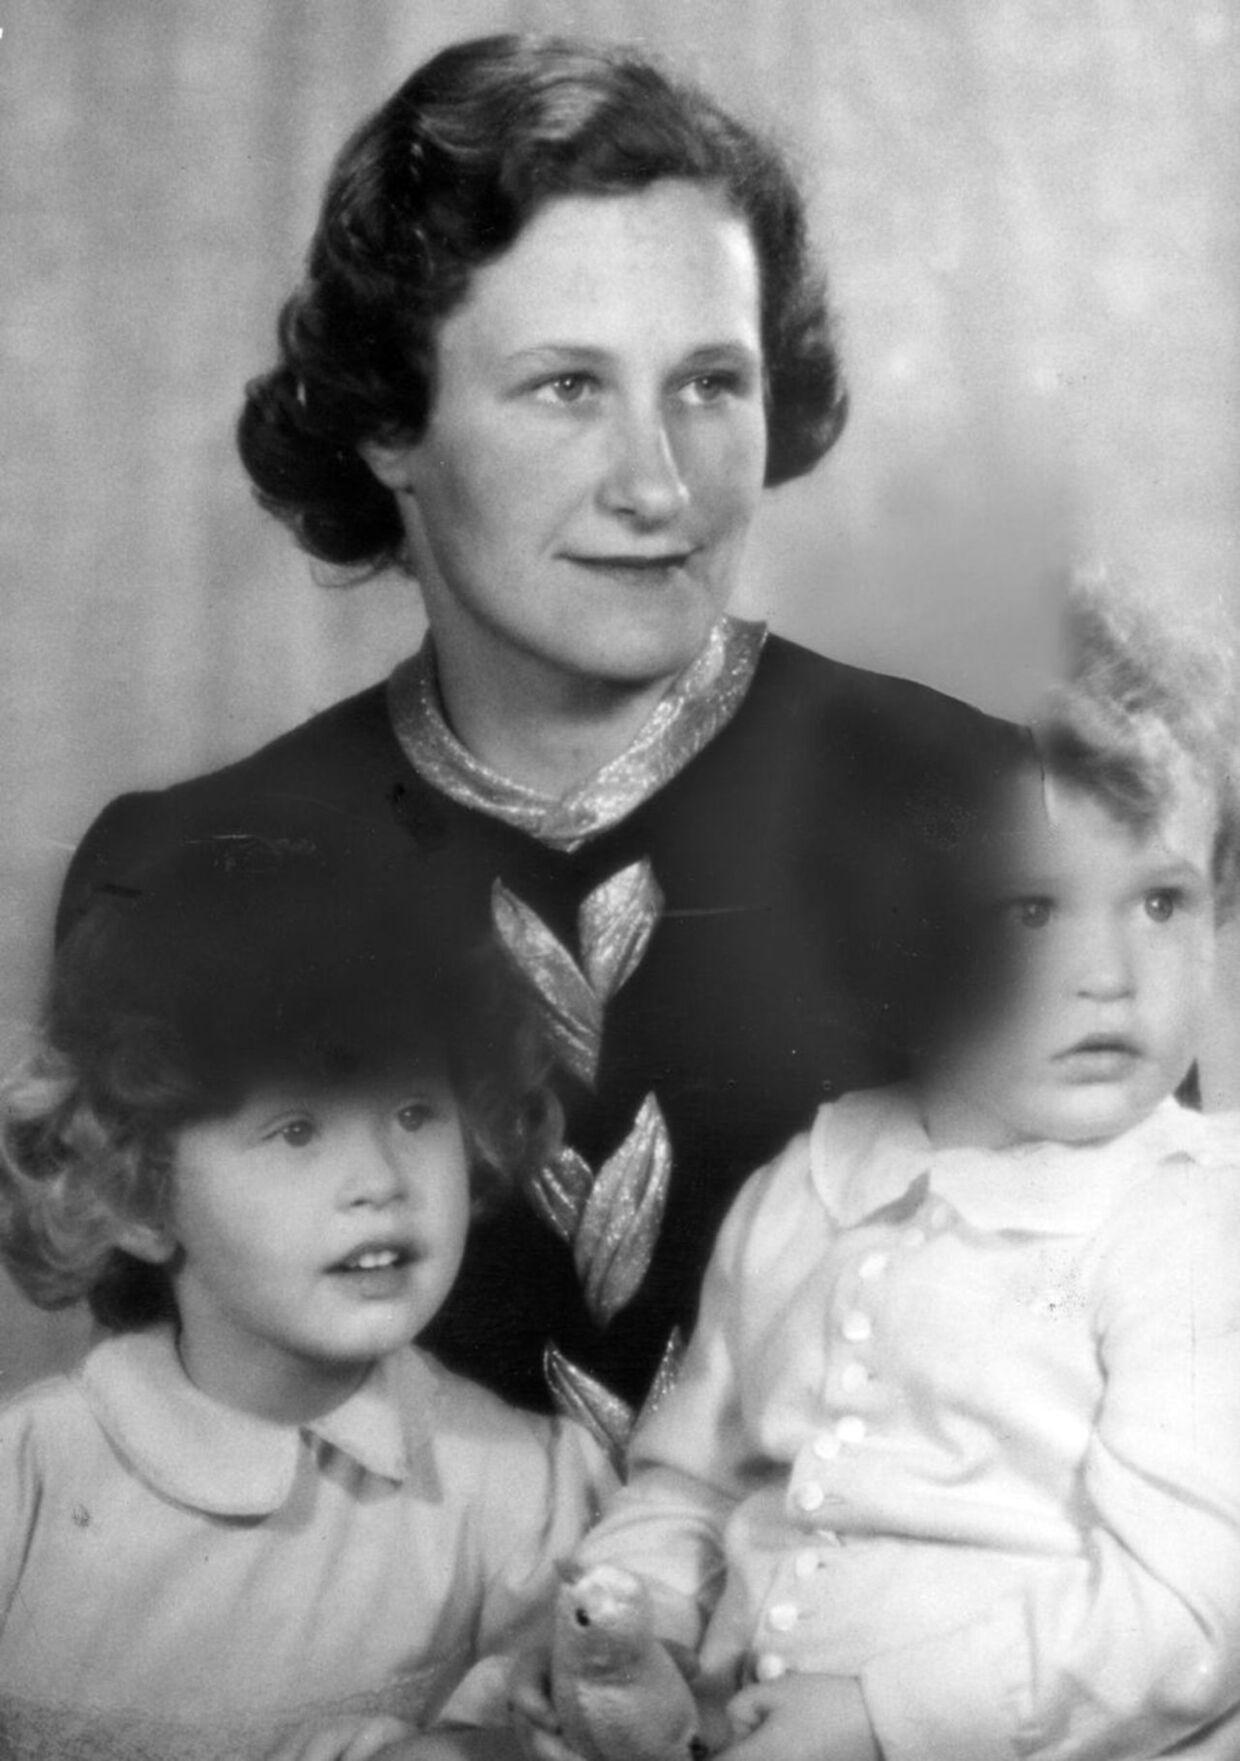 Peter Zobel skal bisættes ved siden af sine mor, Rigmor, samt sin afdøde kone, Annika.